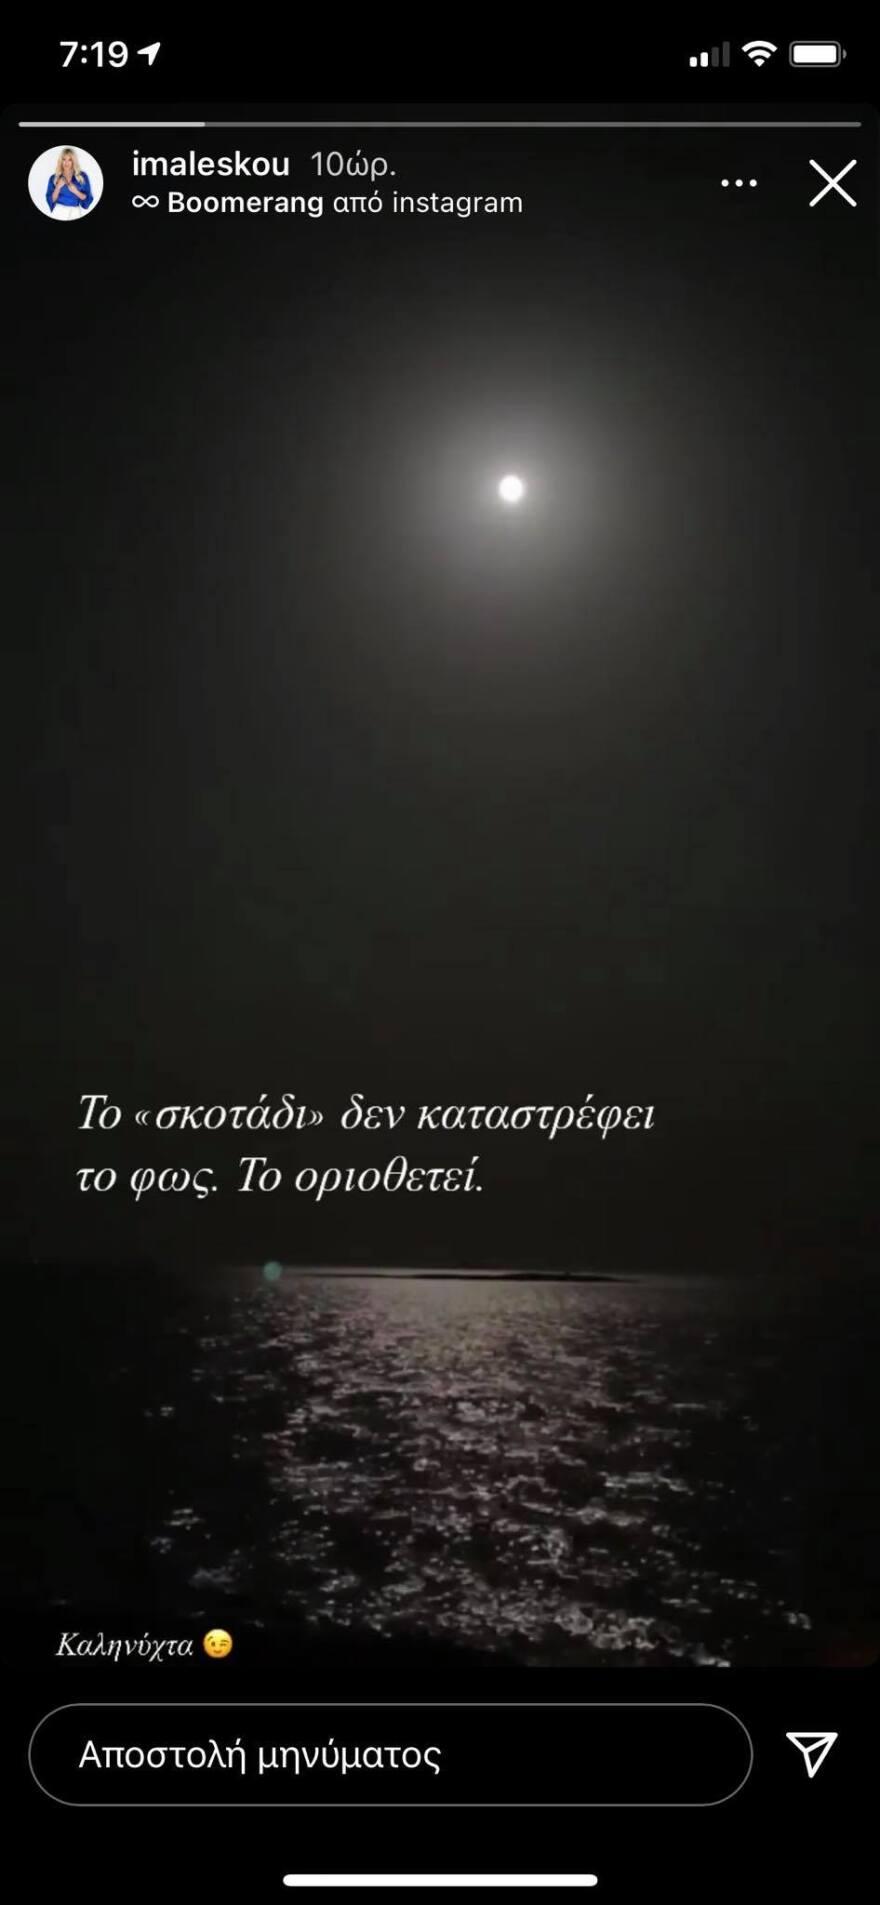 maleskou_story